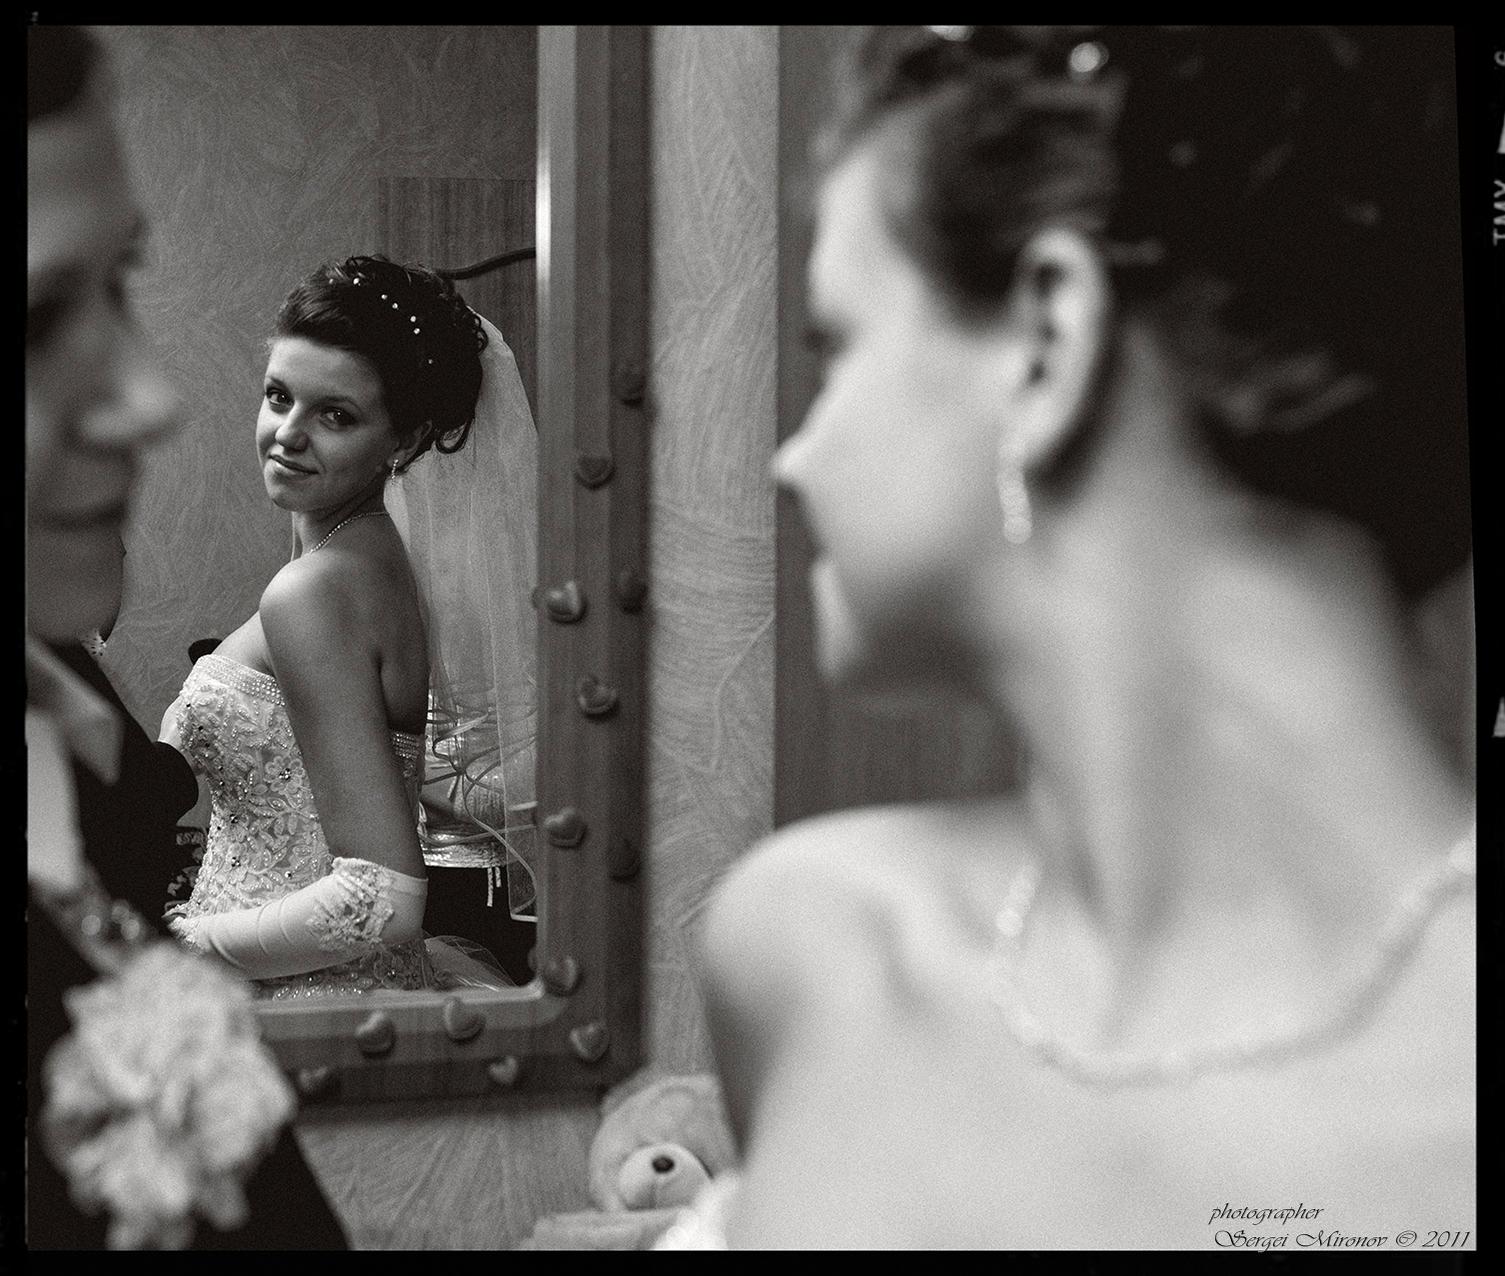 другу фото девушки в зеркале спиной фотографируют свое отражение рвут себе порывах